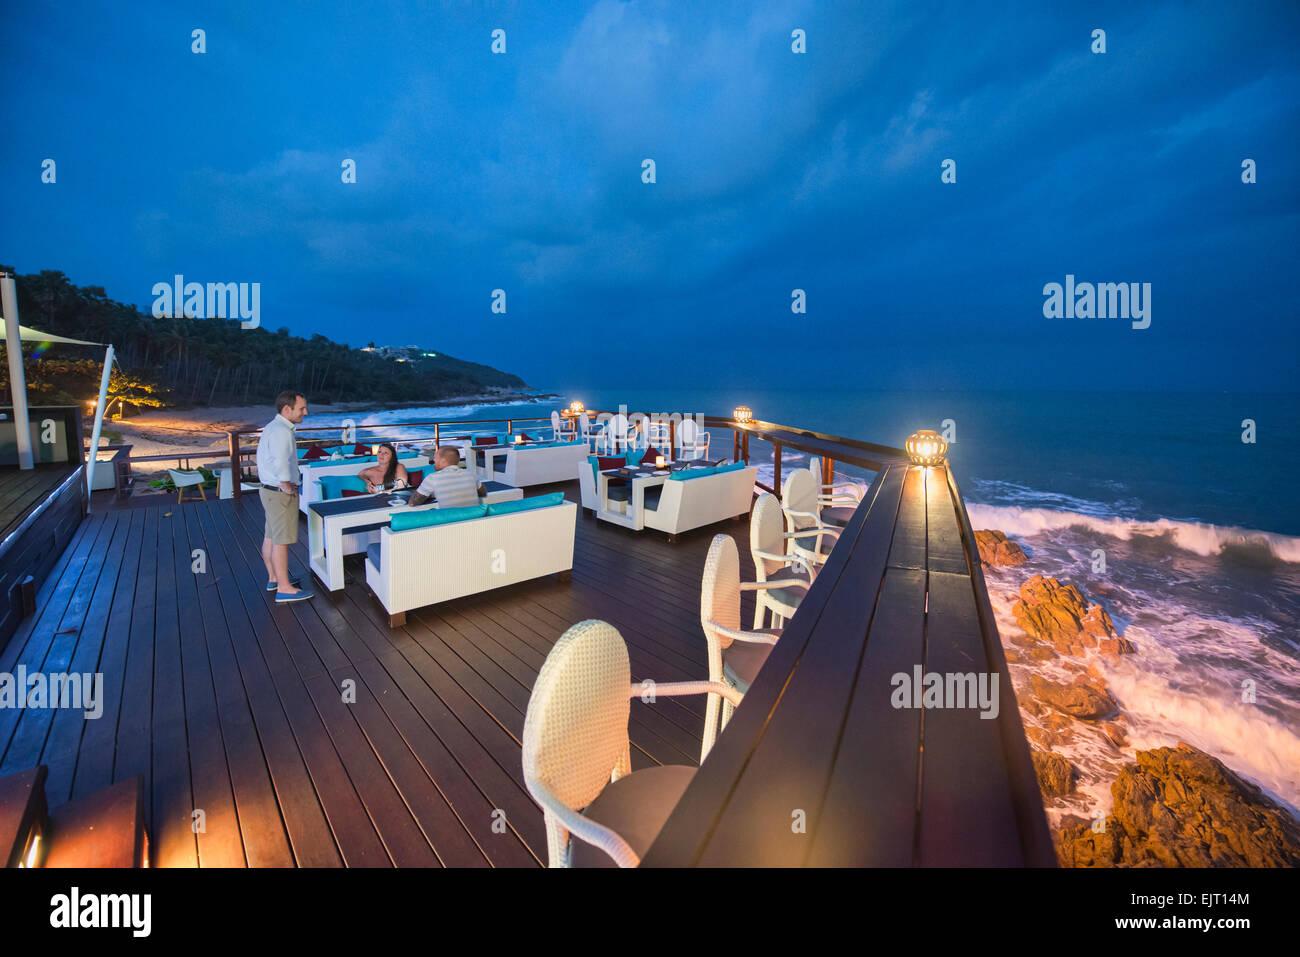 Romántico restaurante sobre el mar, Koh Samui, Tailandia Imagen De Stock